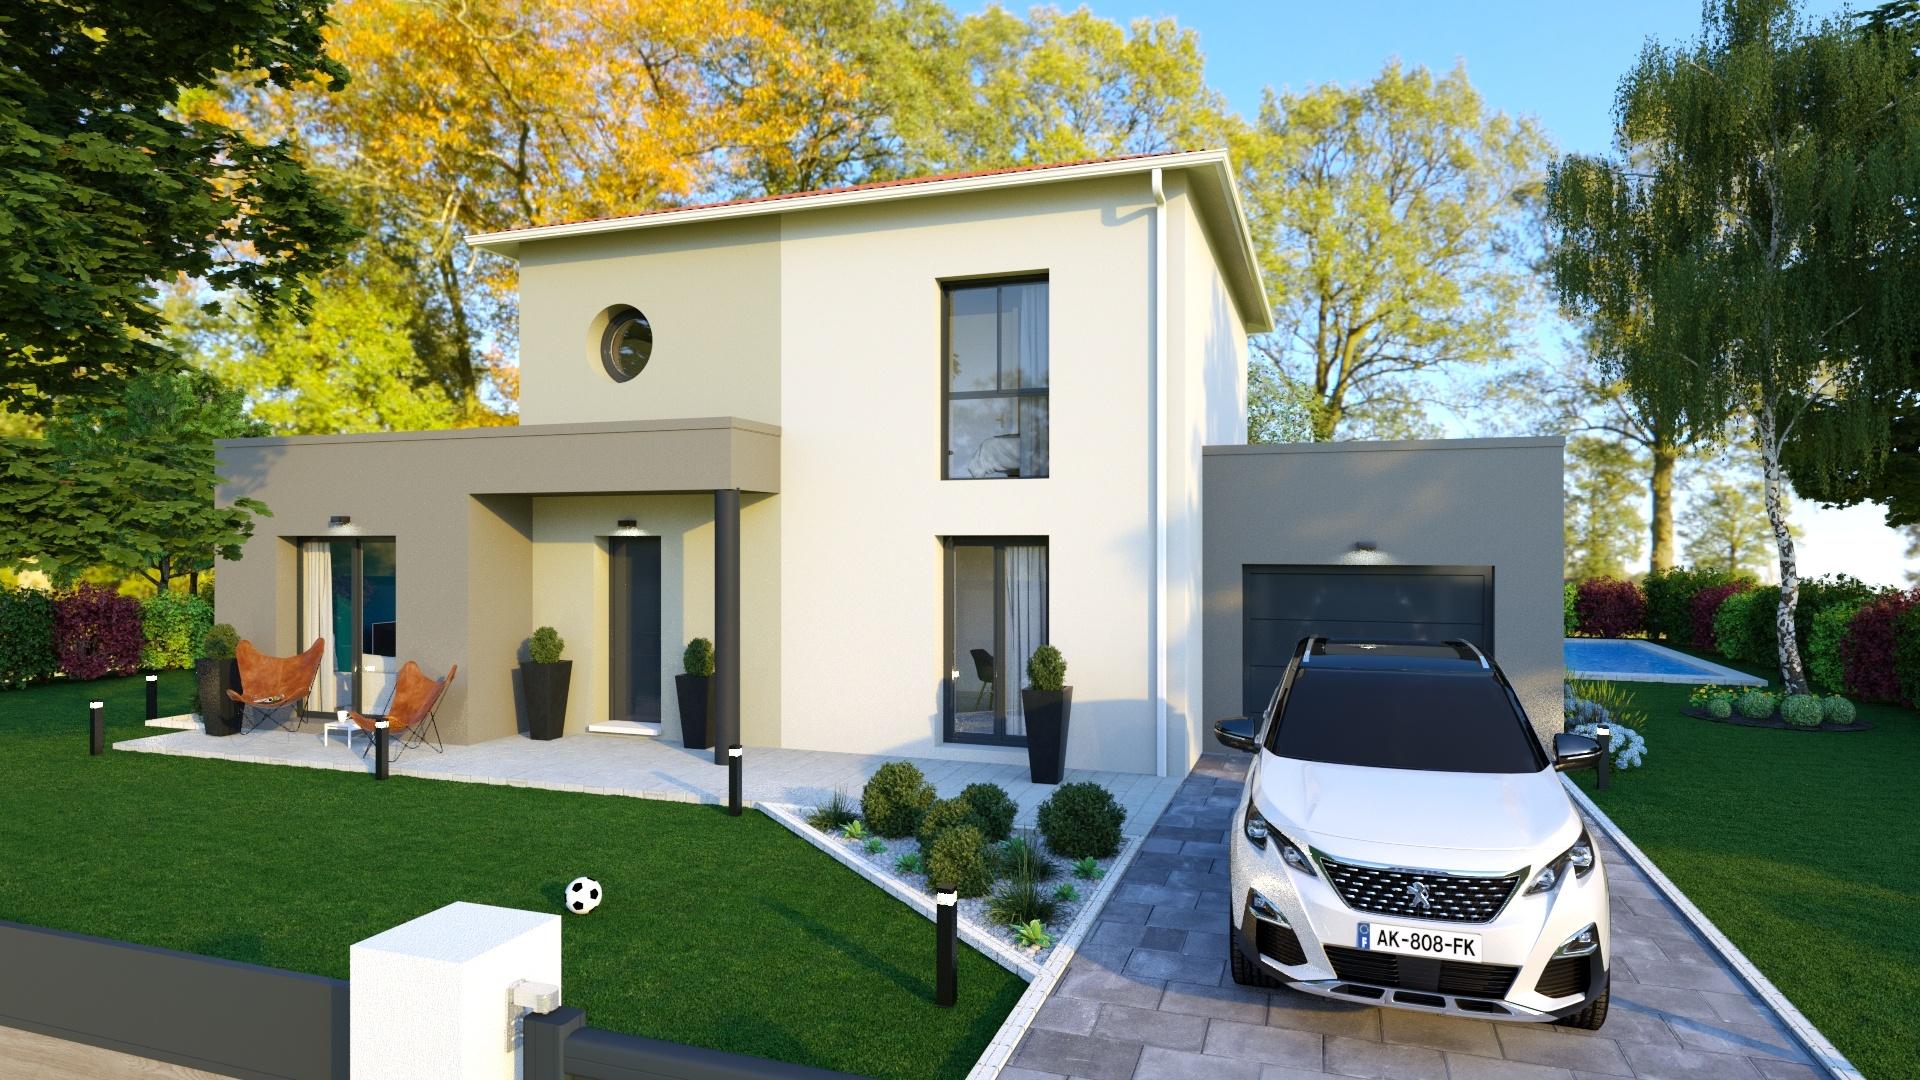 Maisons + Terrains du constructeur MAISONS D EN FRANCE - MONISTROL SUR LOIRE • 100 m² • ROSIERES